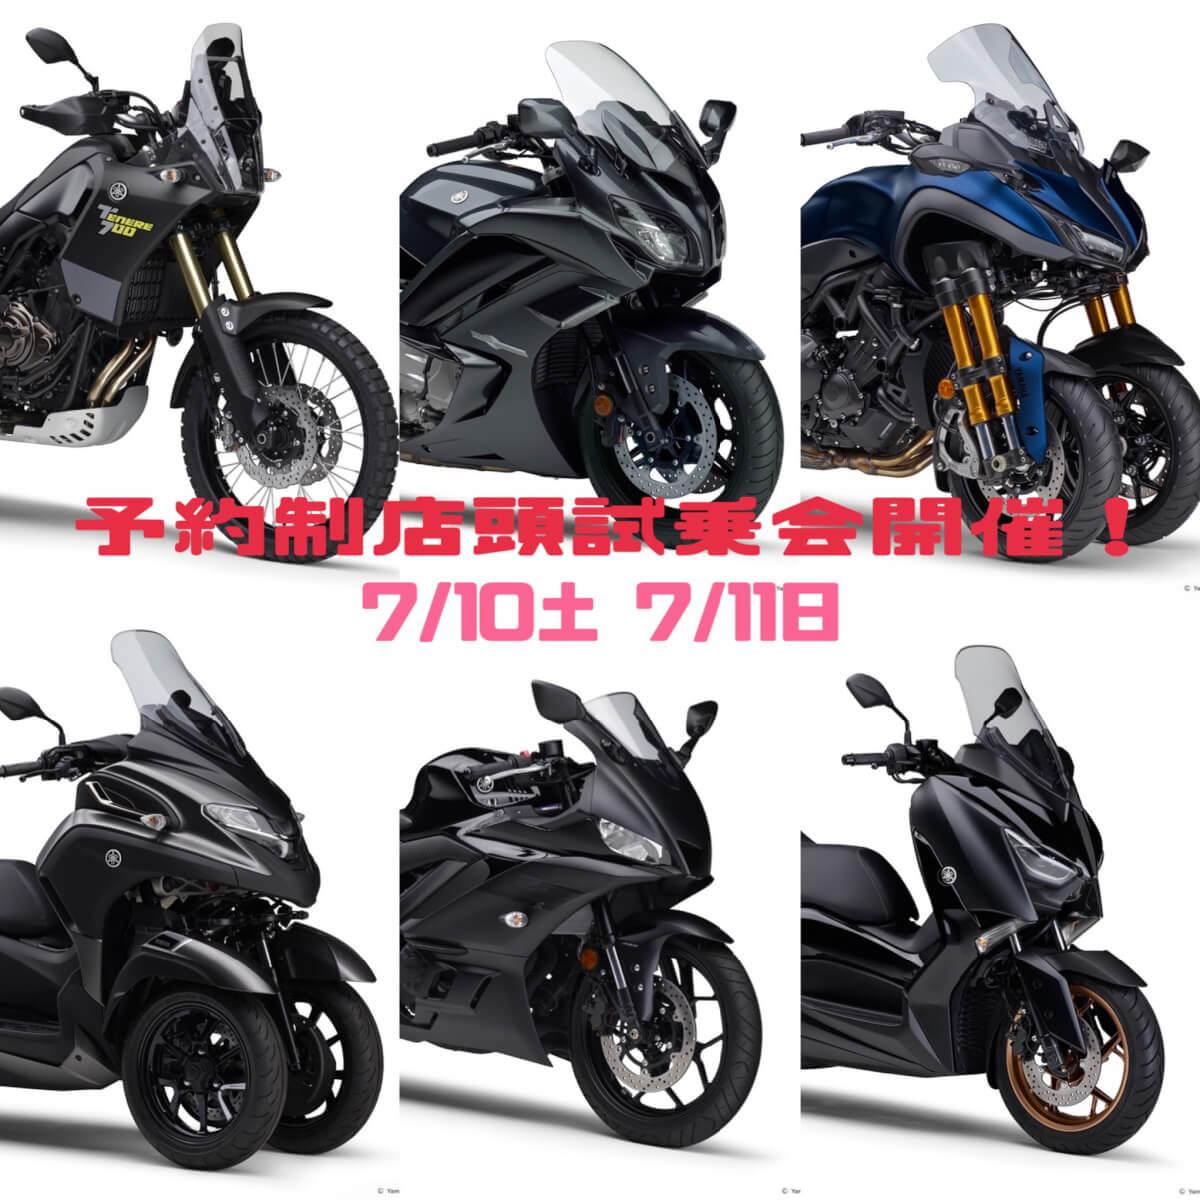 YSP筑紫リニューアルイベント 予約制店頭試乗会開催 7/10.7/11